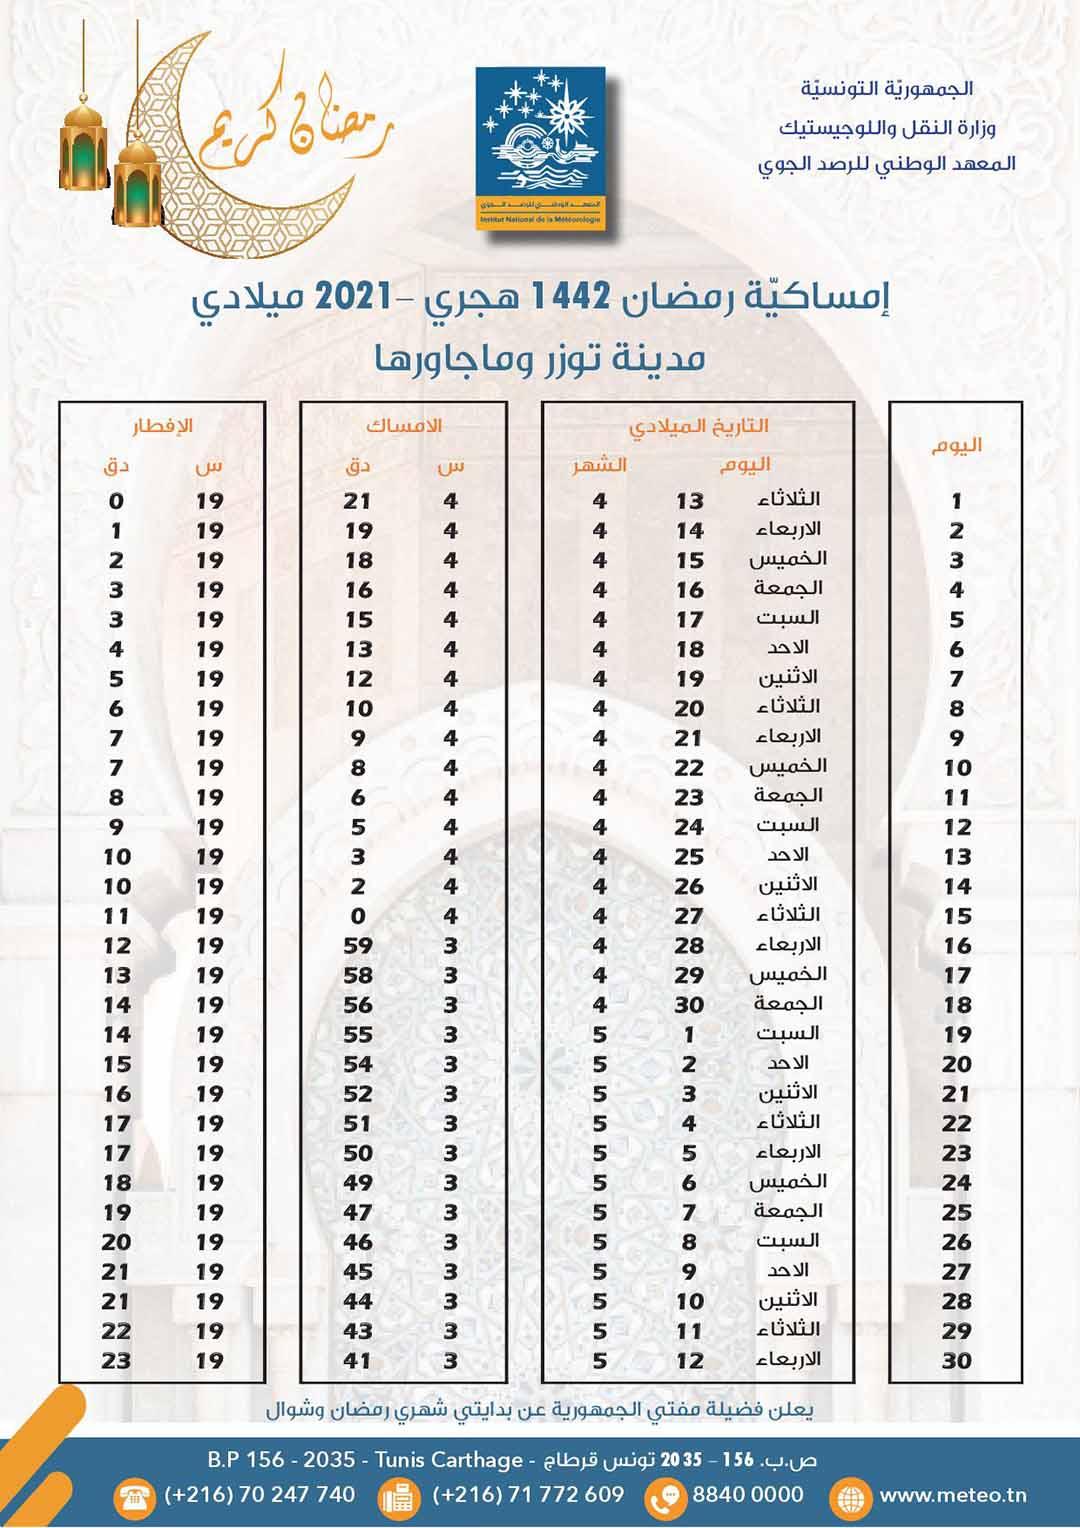 مواعيد الافطار و السحور في ولاية توزر رمضان 2021 1 - هام: مواعيد الافطار والامساك لشهر رمضان حسب الولايات..